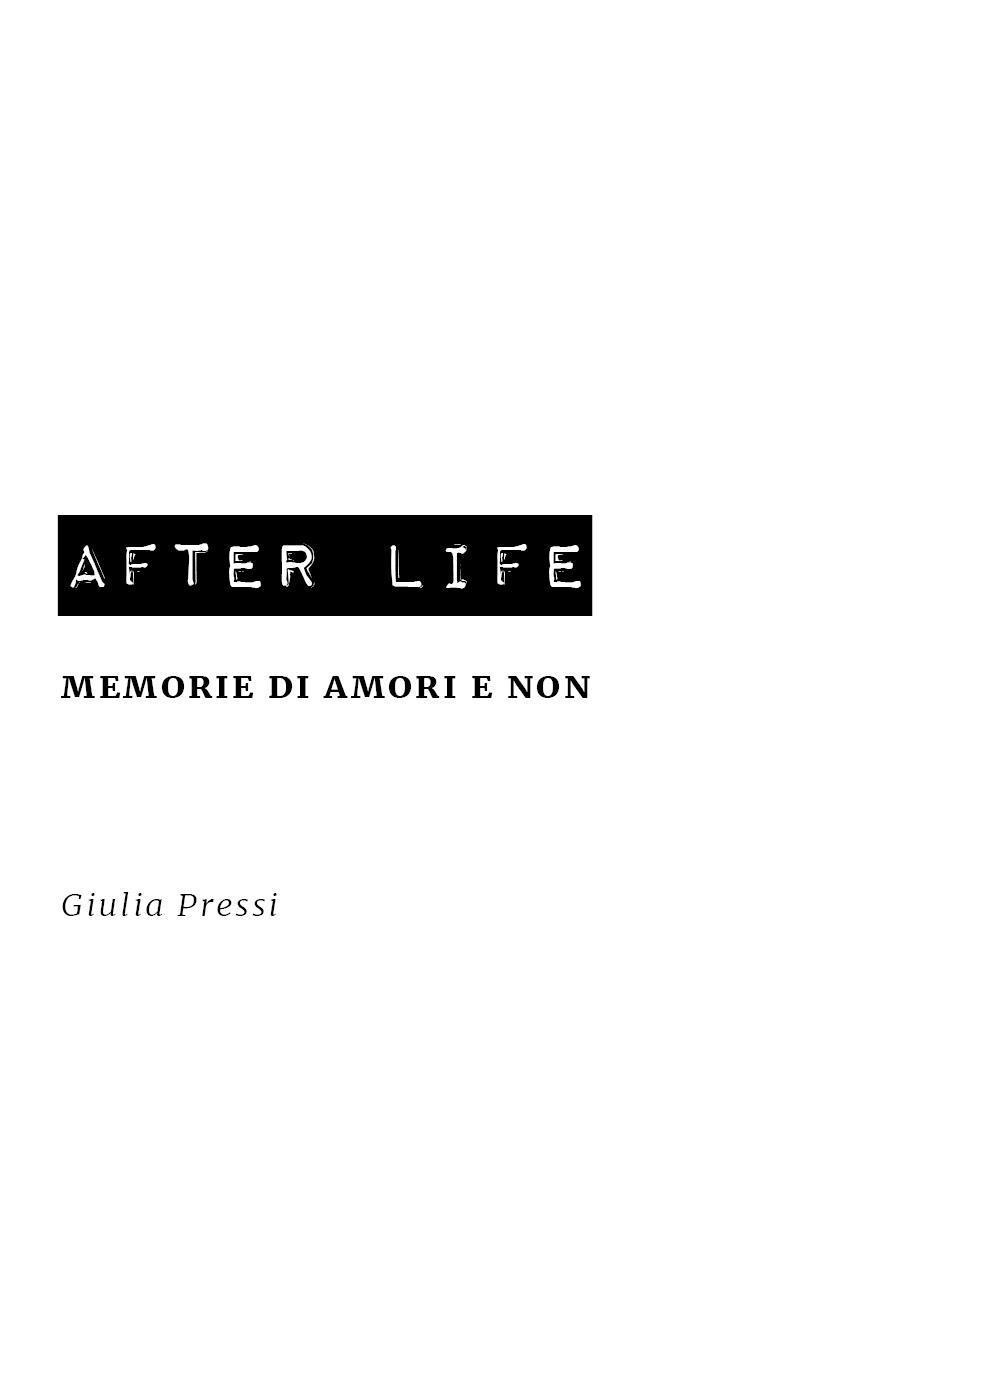 After Life / memorie di amori e non